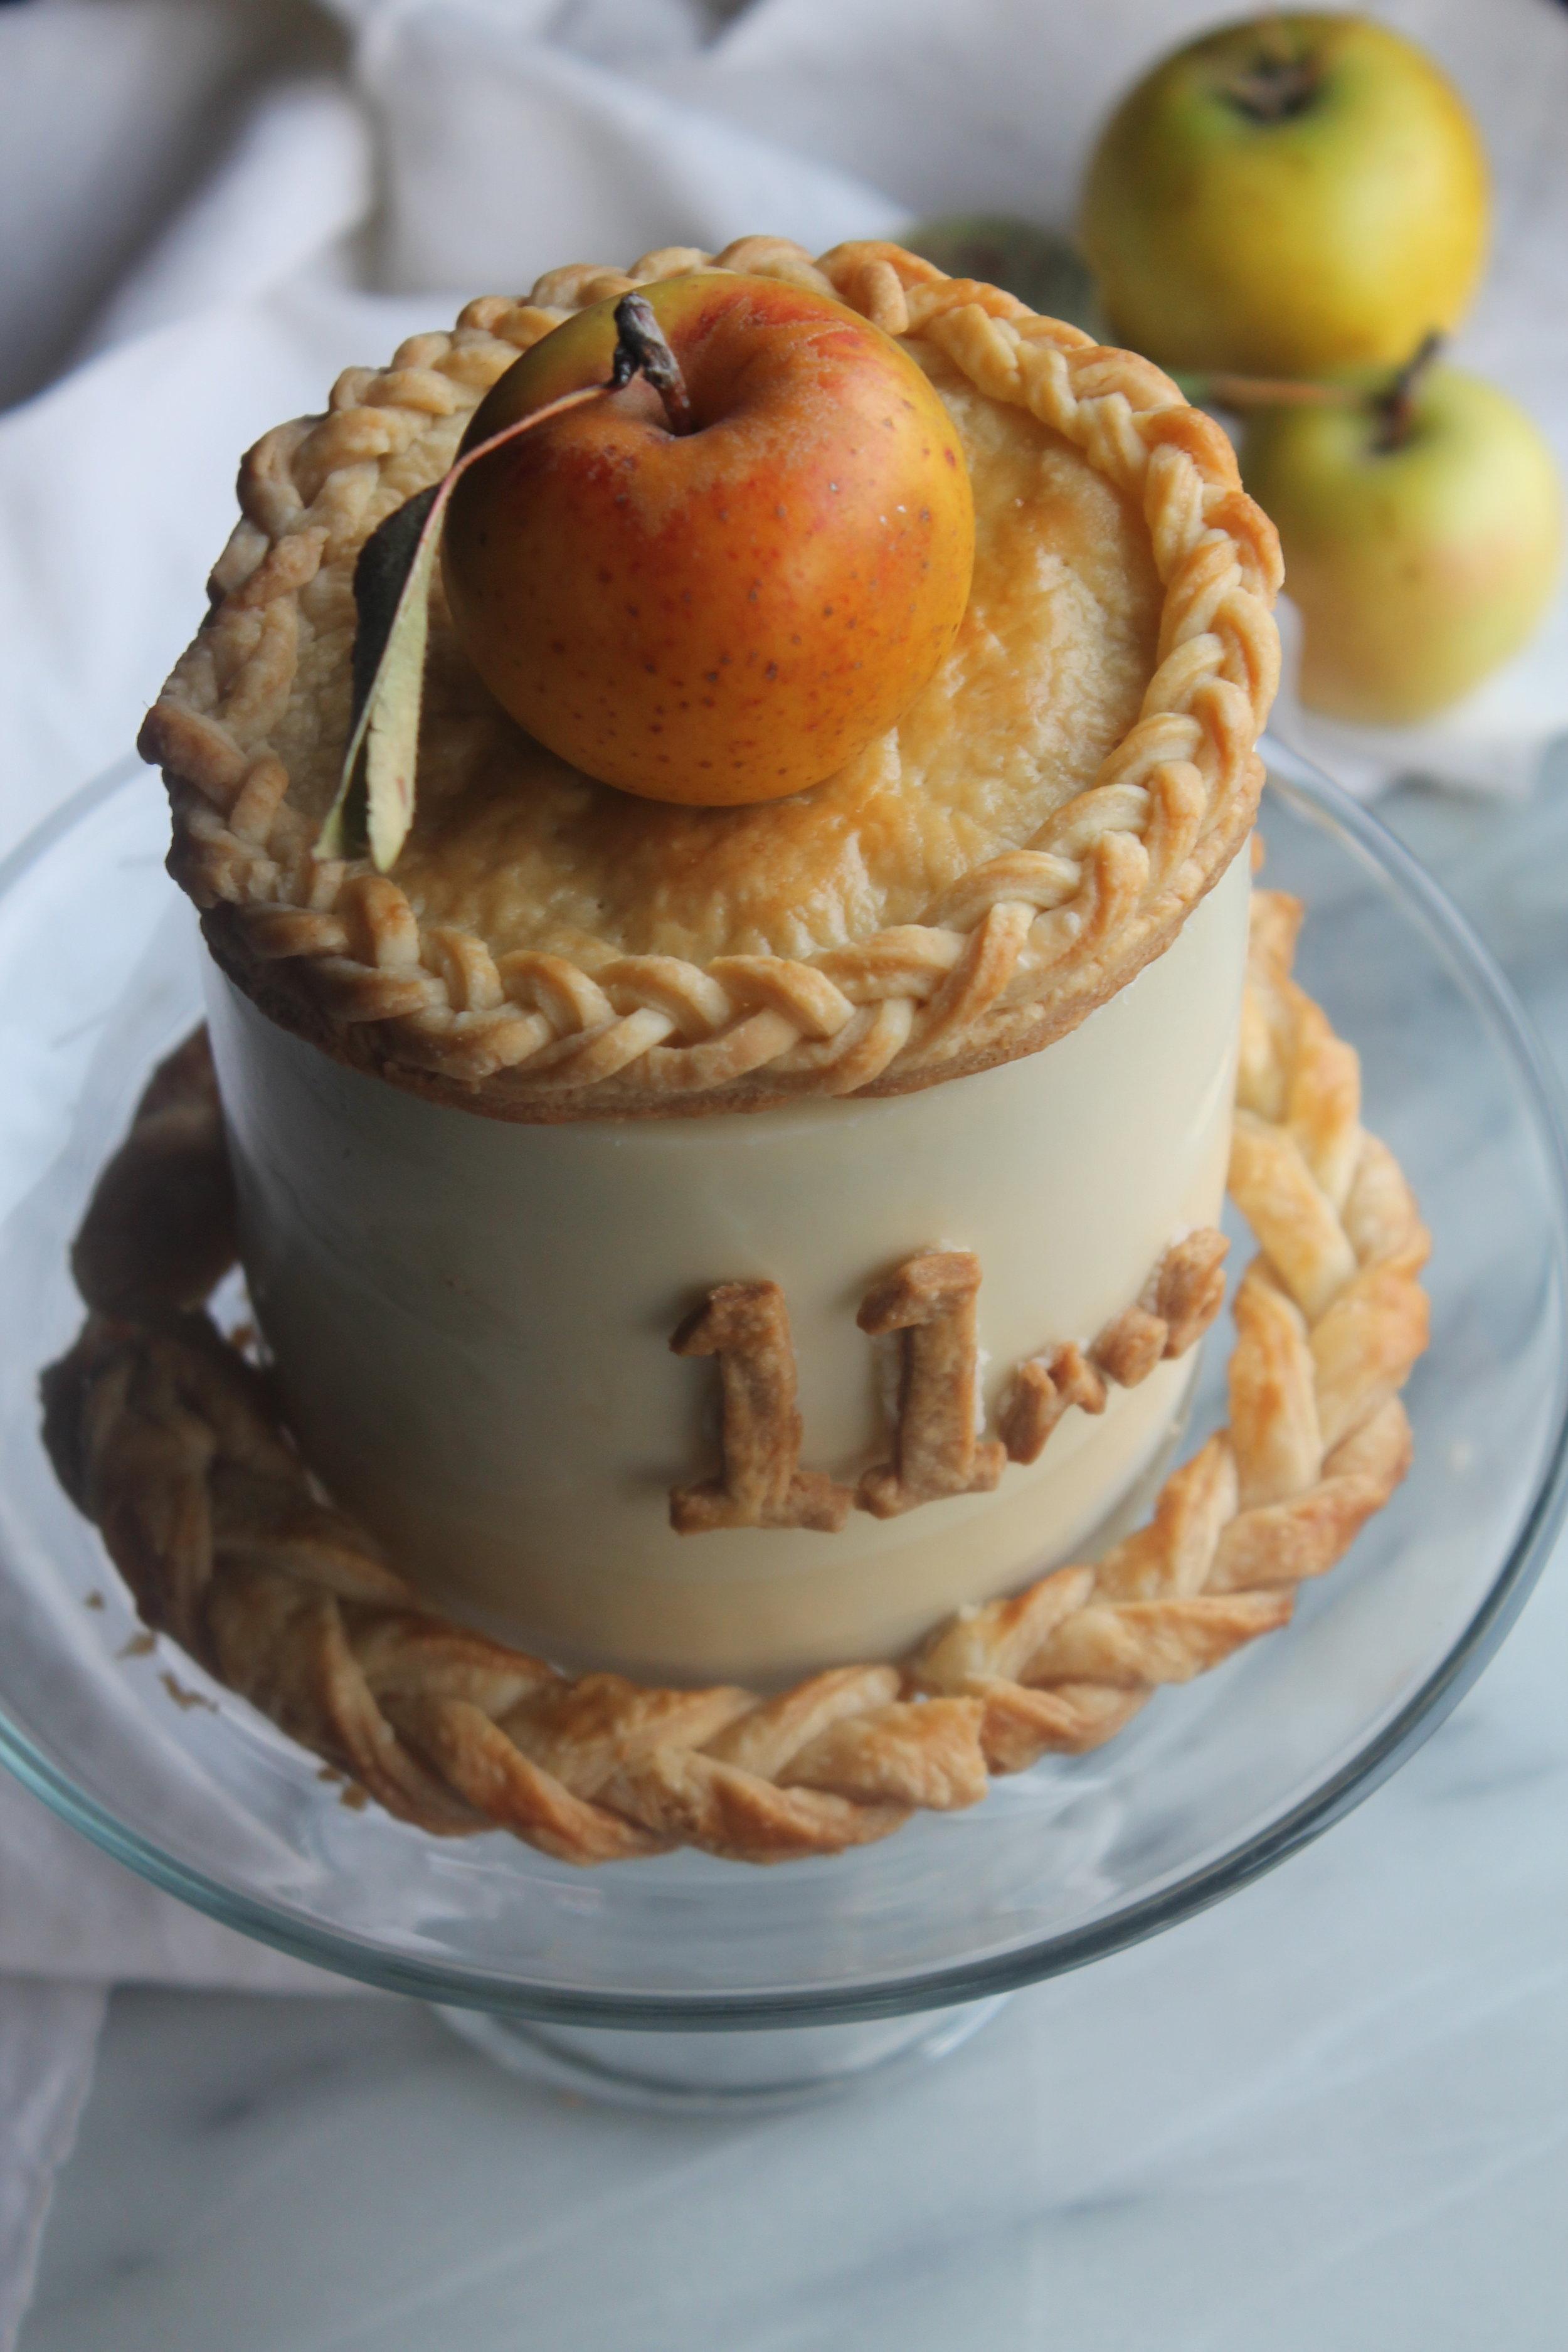 Apple Pie Cake for the holidays | recipes via Cake Bloom